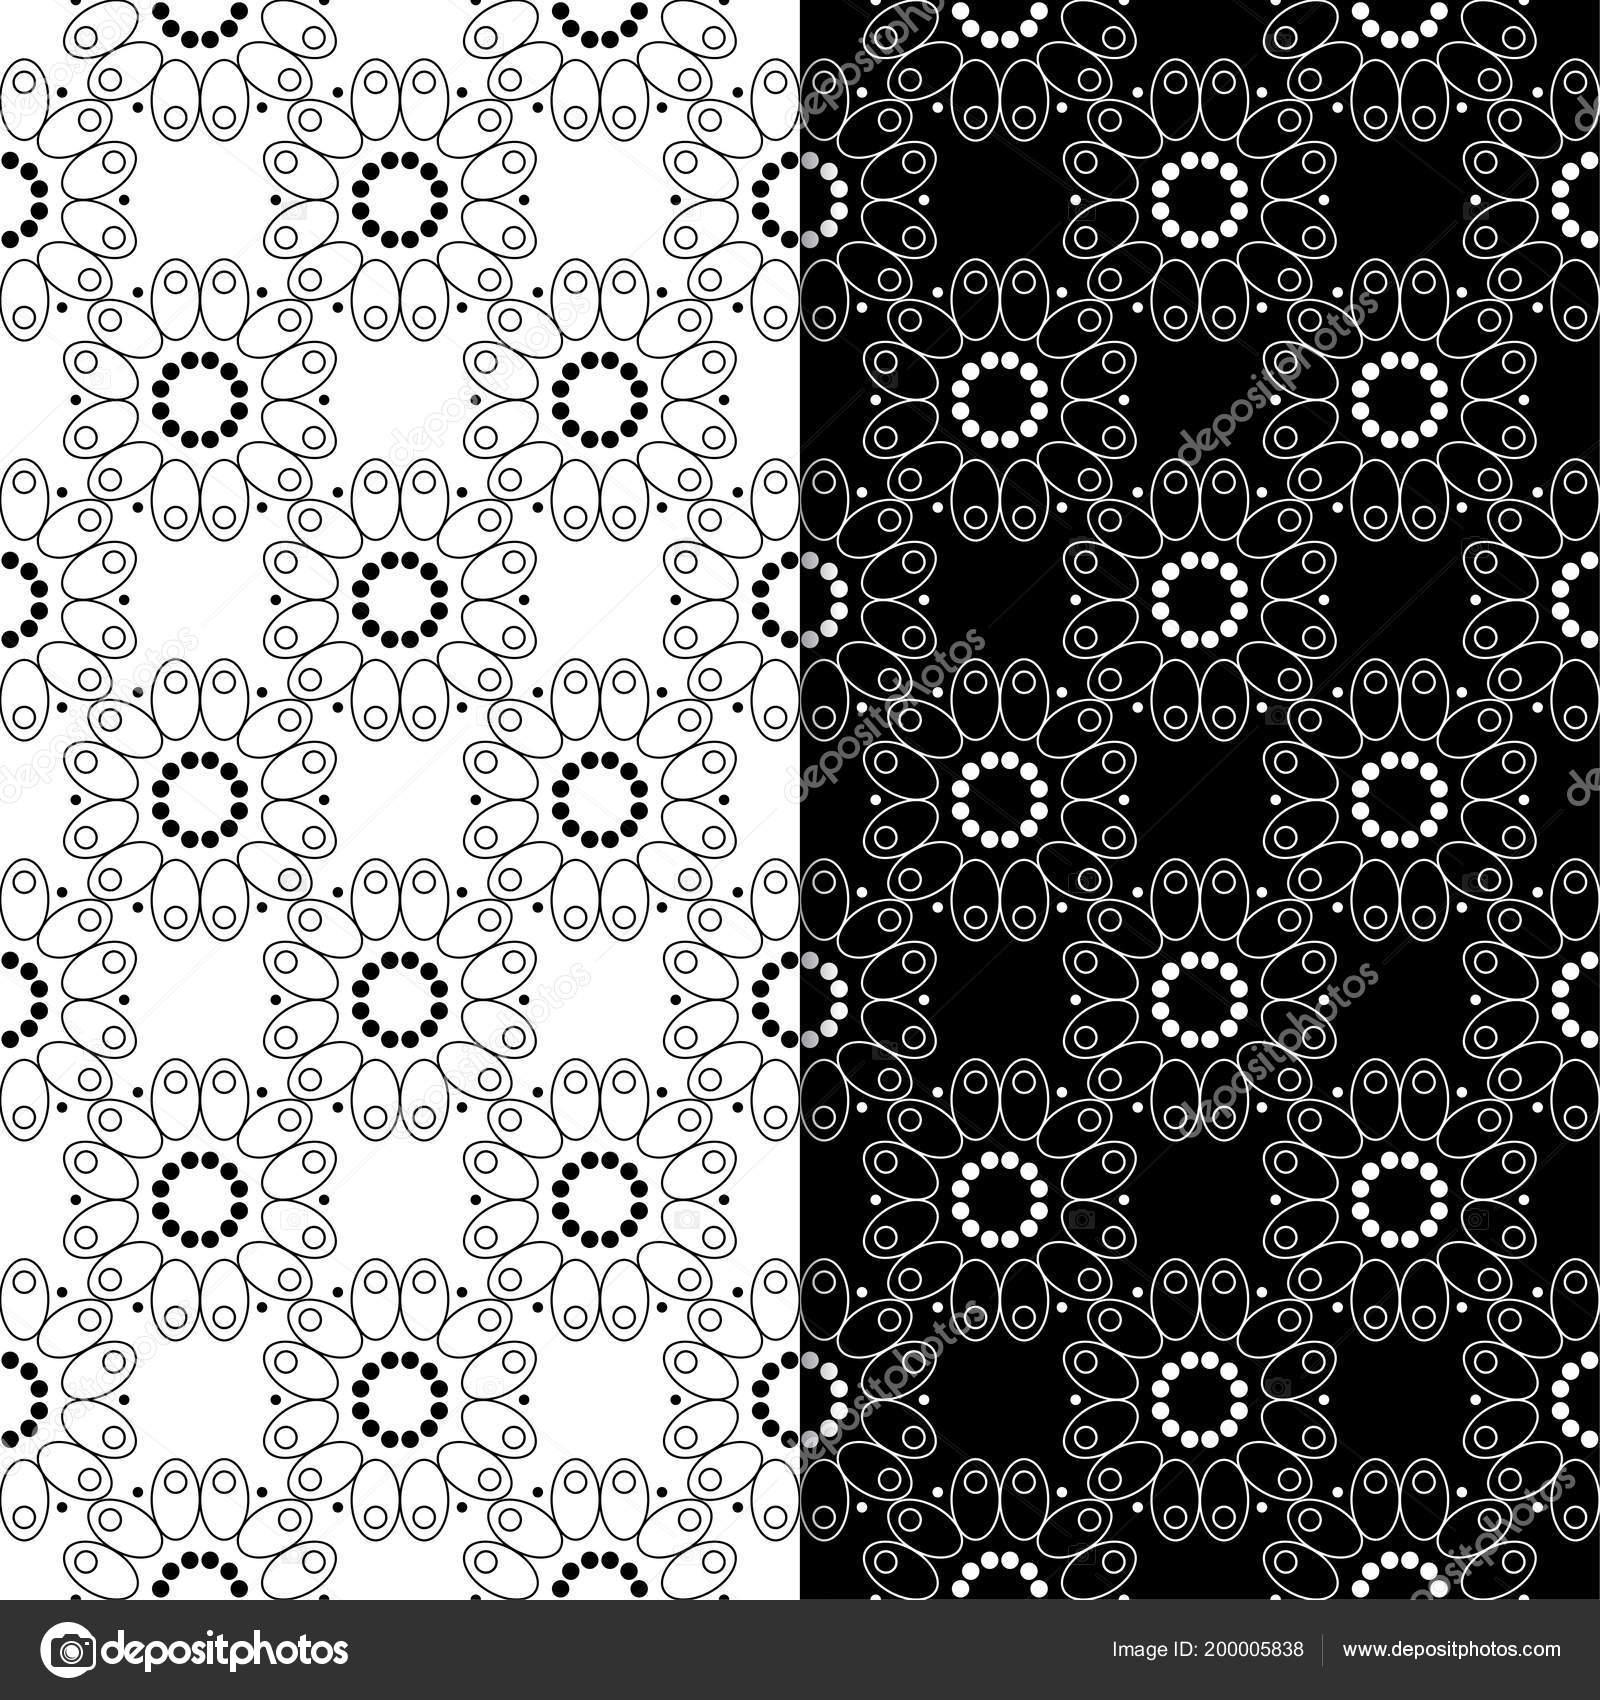 Vettore Sfondi In Bianco E Nero Per Desktop Ornamenti Floreali